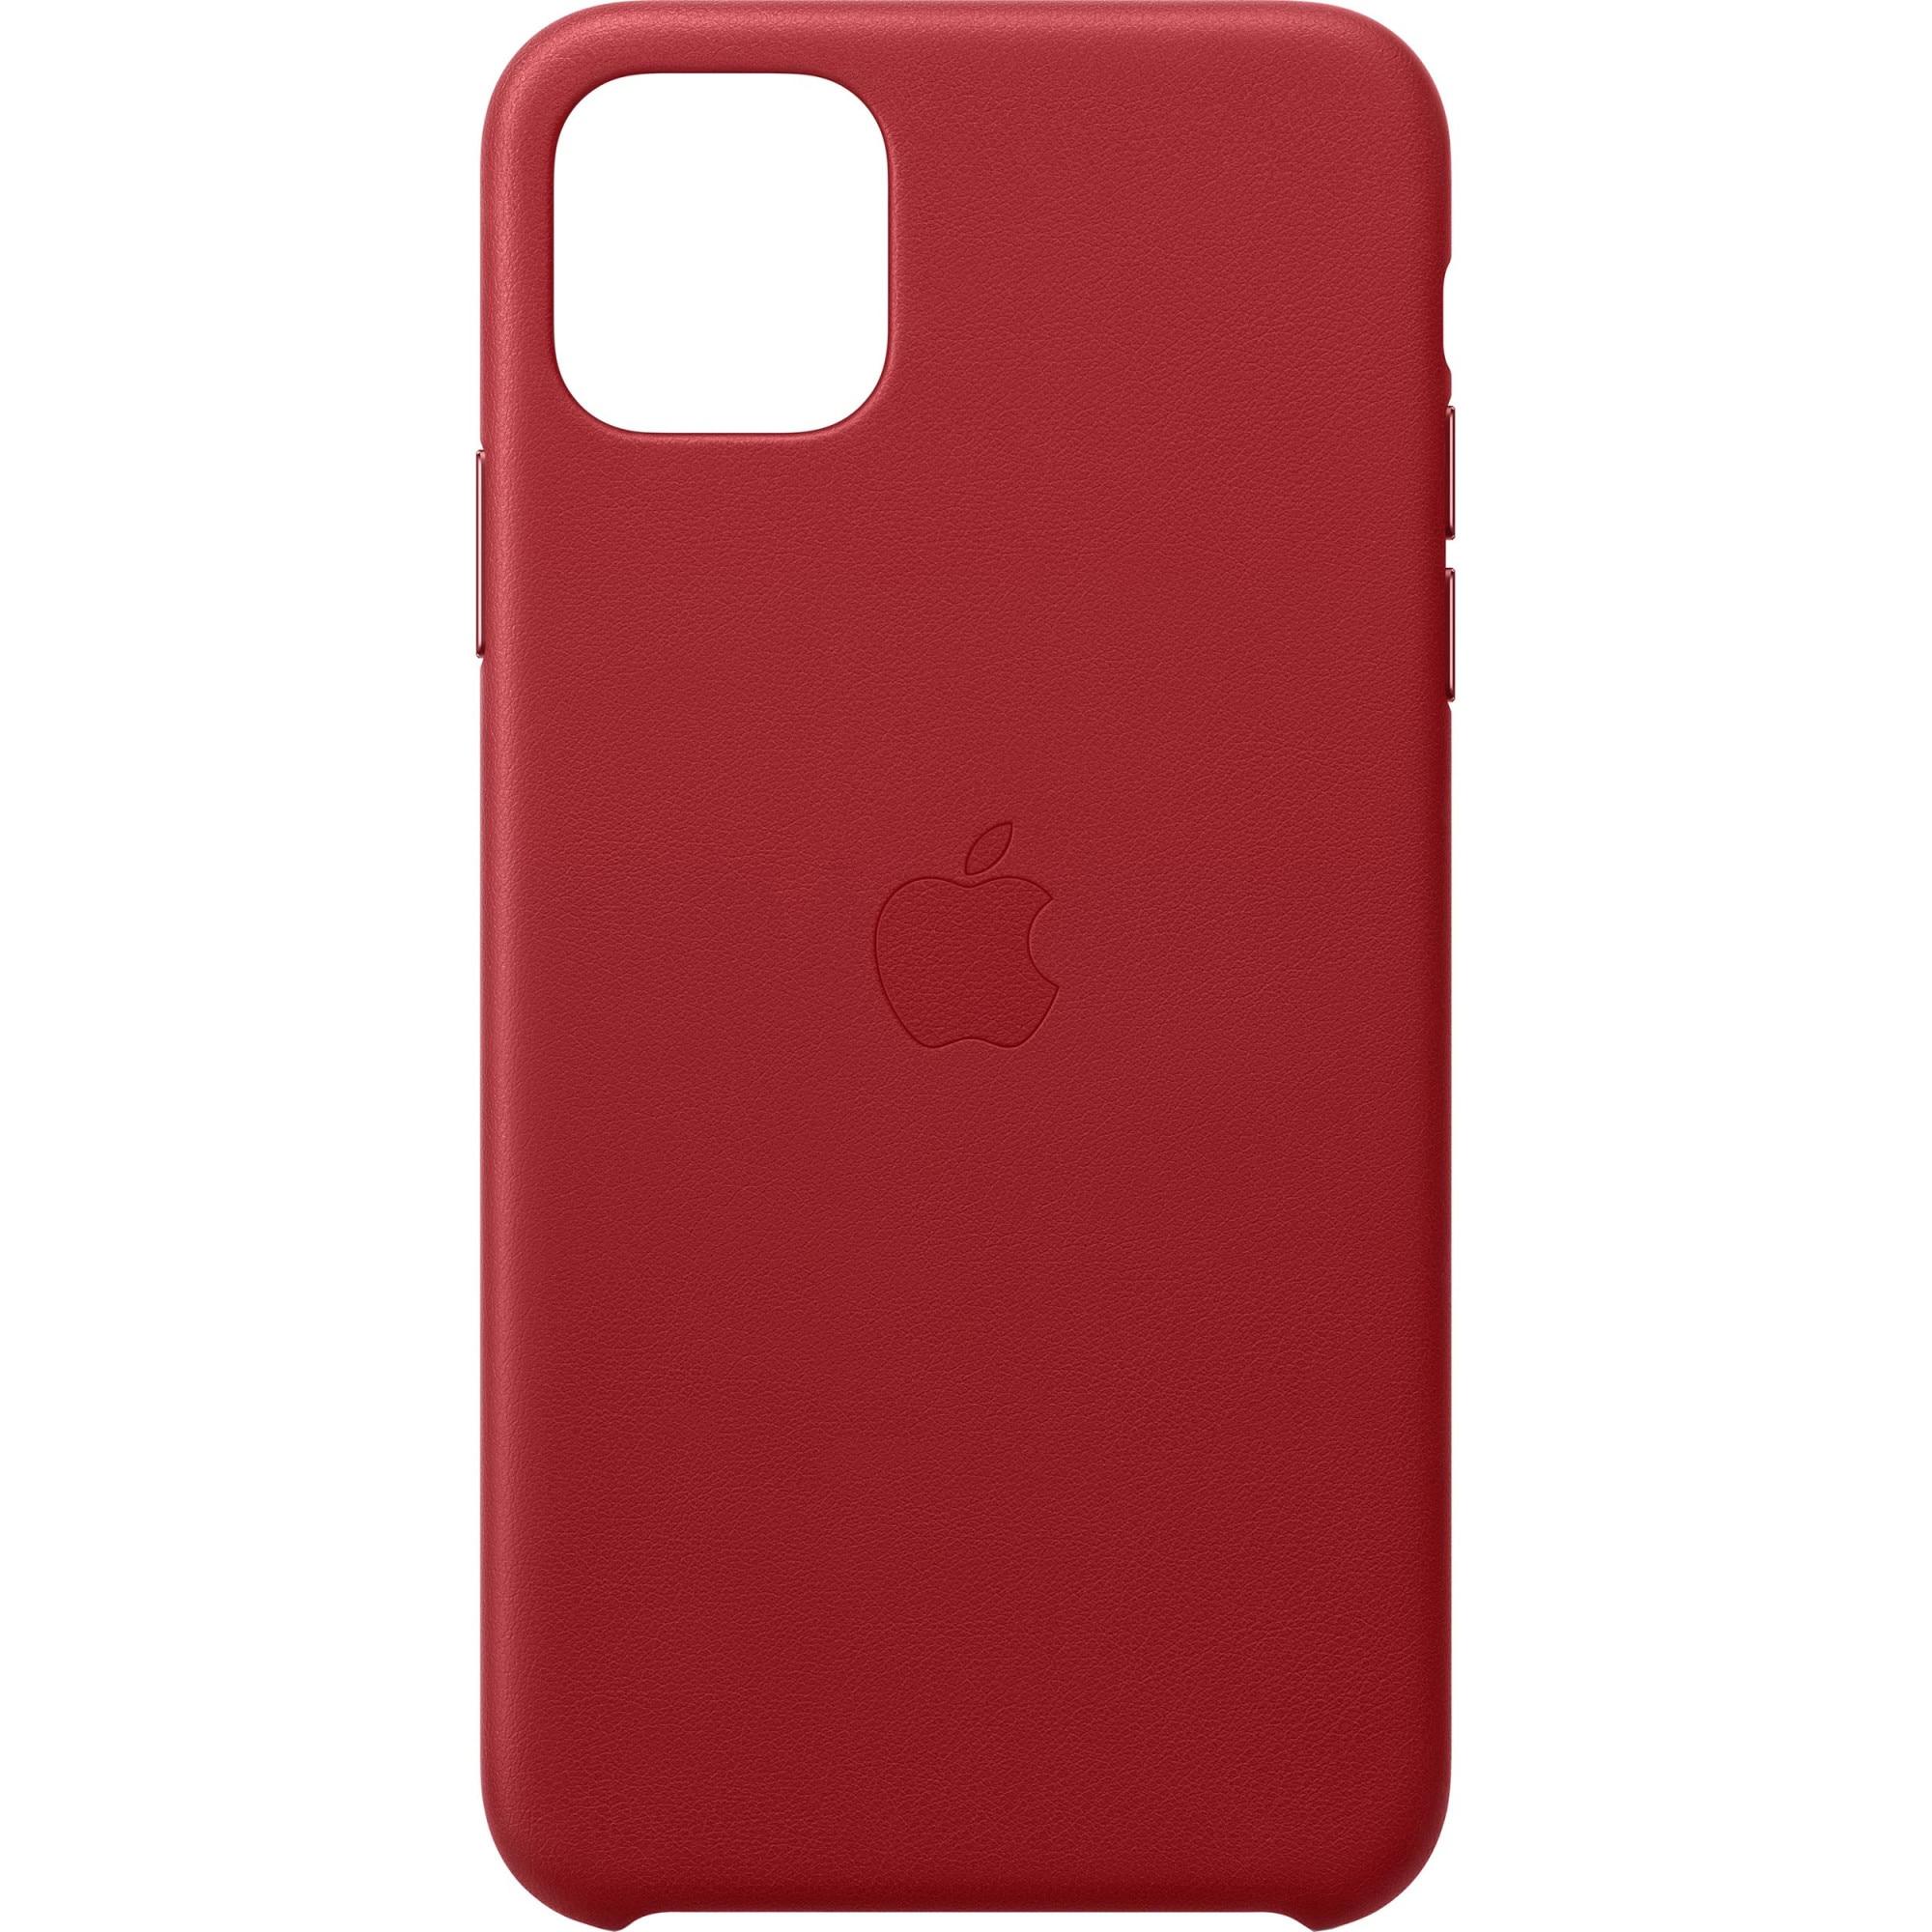 Fotografie Husa de protectie Apple pentru iPhone 11 Pro Max, Piele, Red